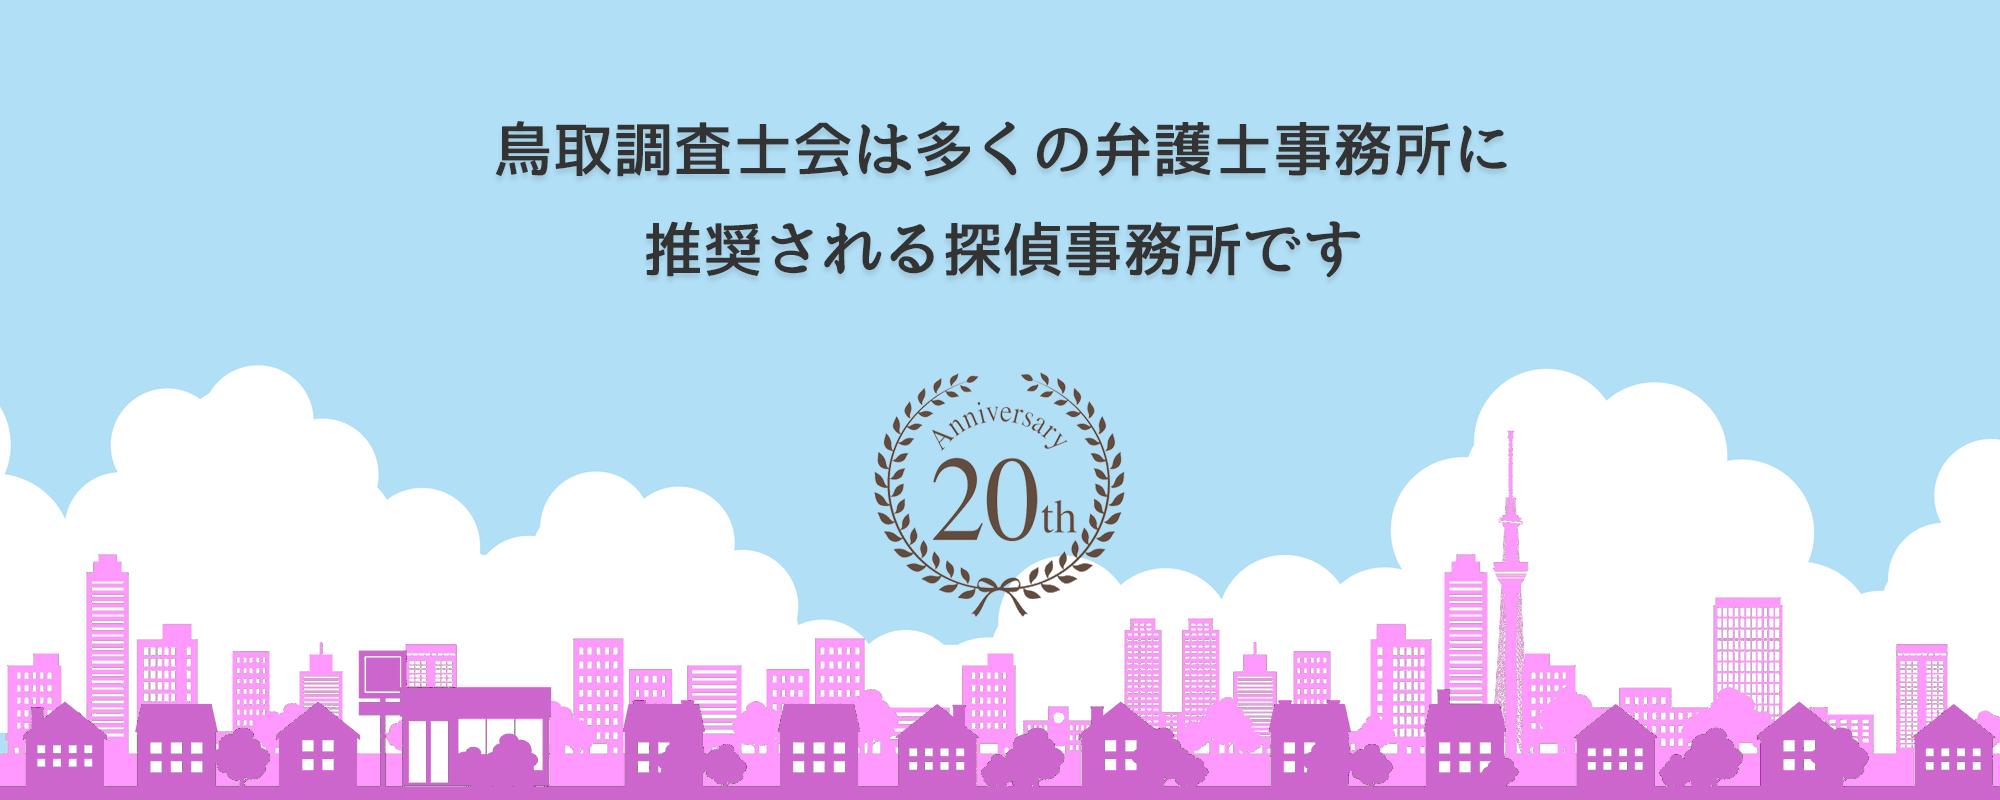 鳥取相談室は多くの弁護士事務所に推奨されています。